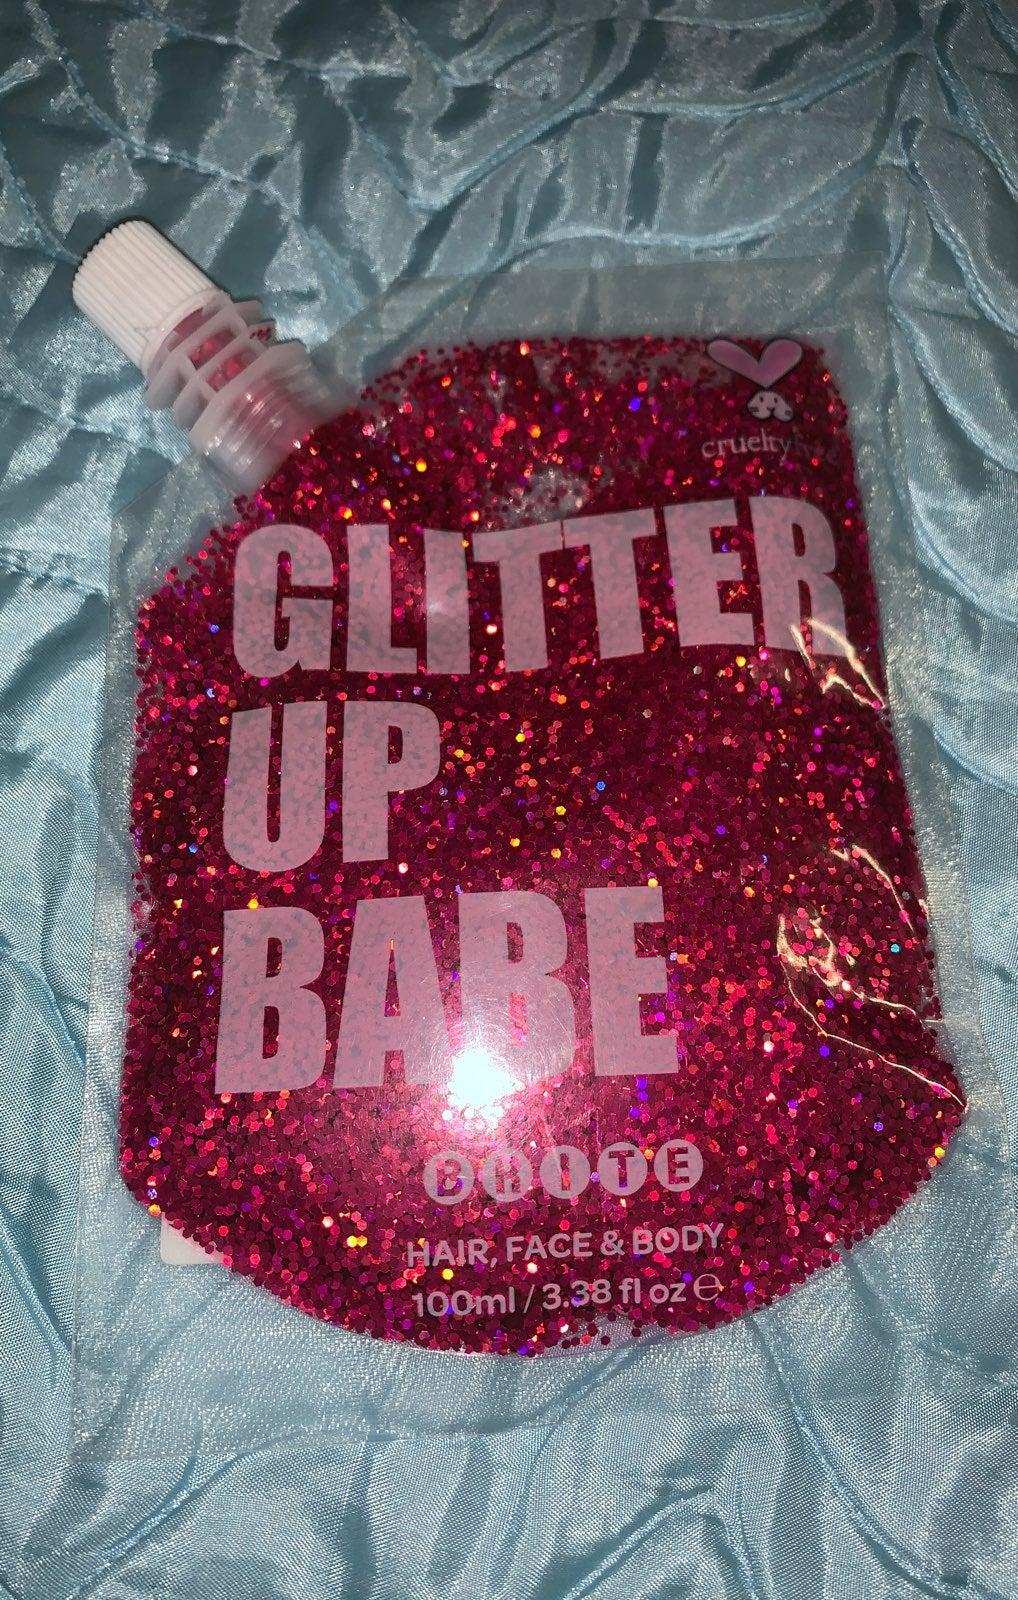 Brite Glitter Up Babe Bundle